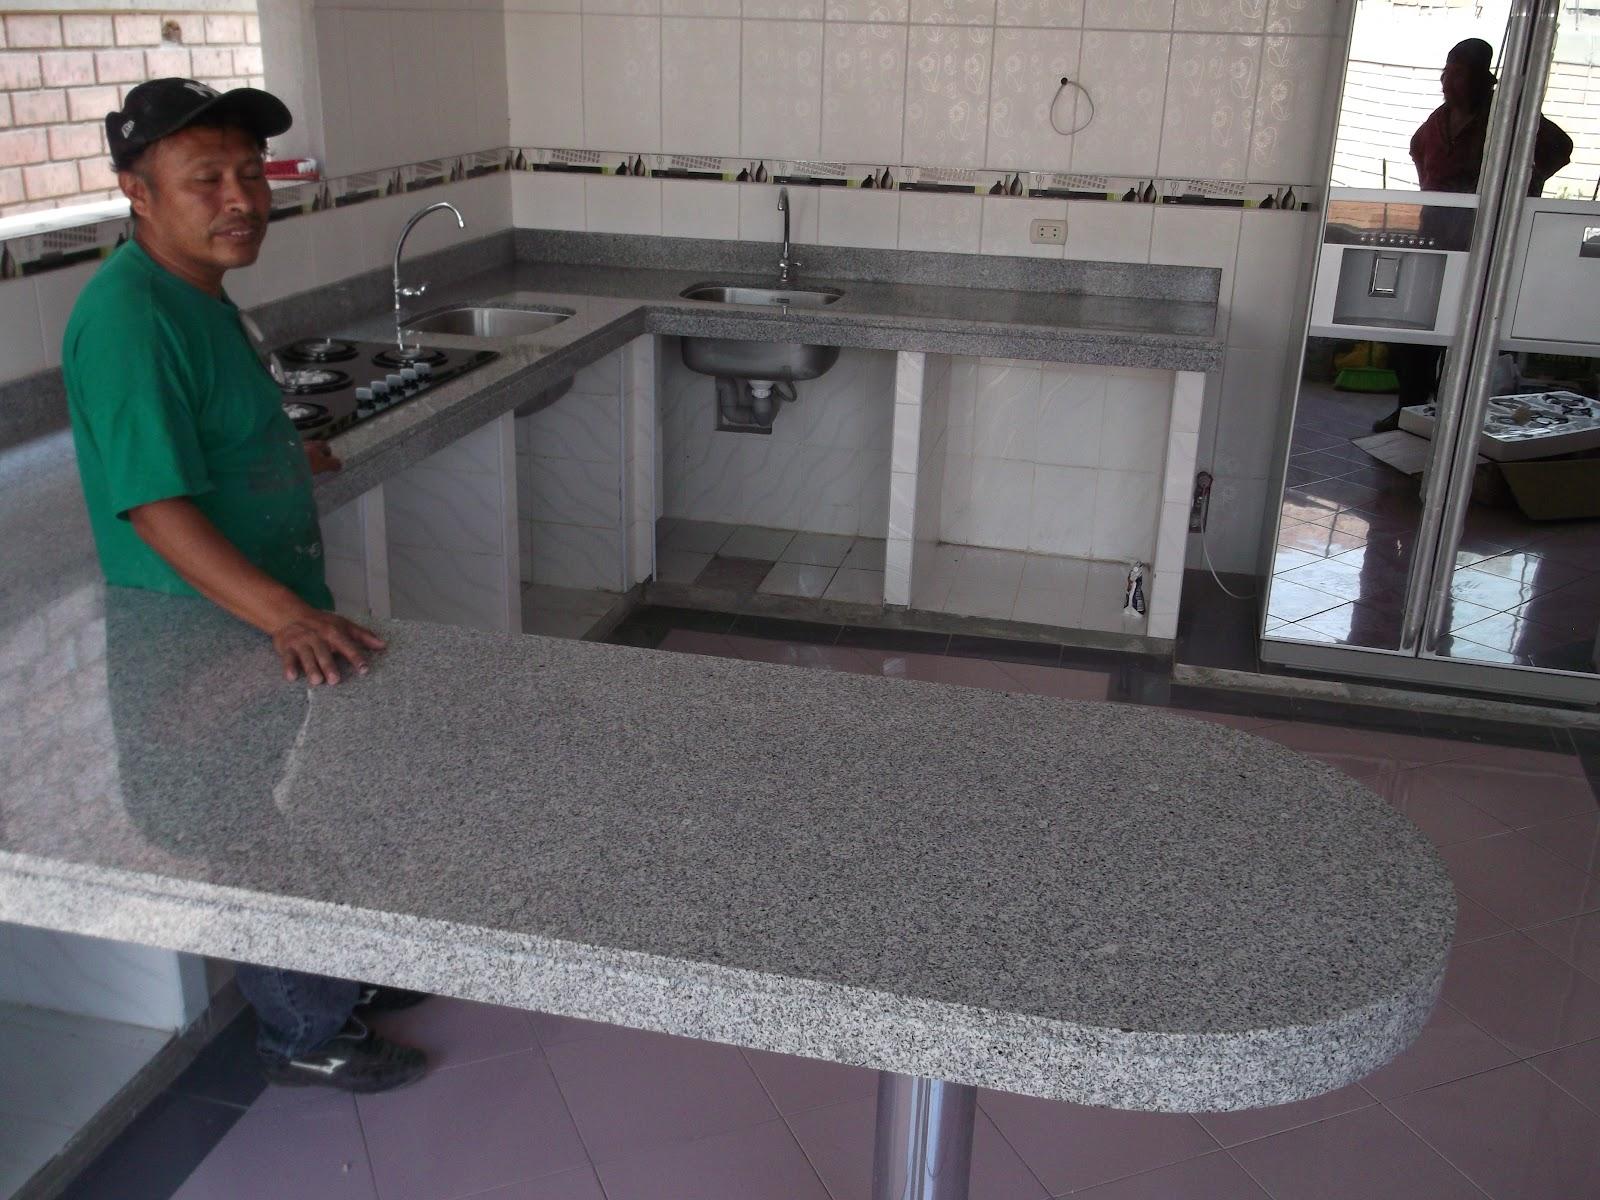 Encimeras mesas tablero cocina granito marmol piedra for Tableros para encimeras cocina